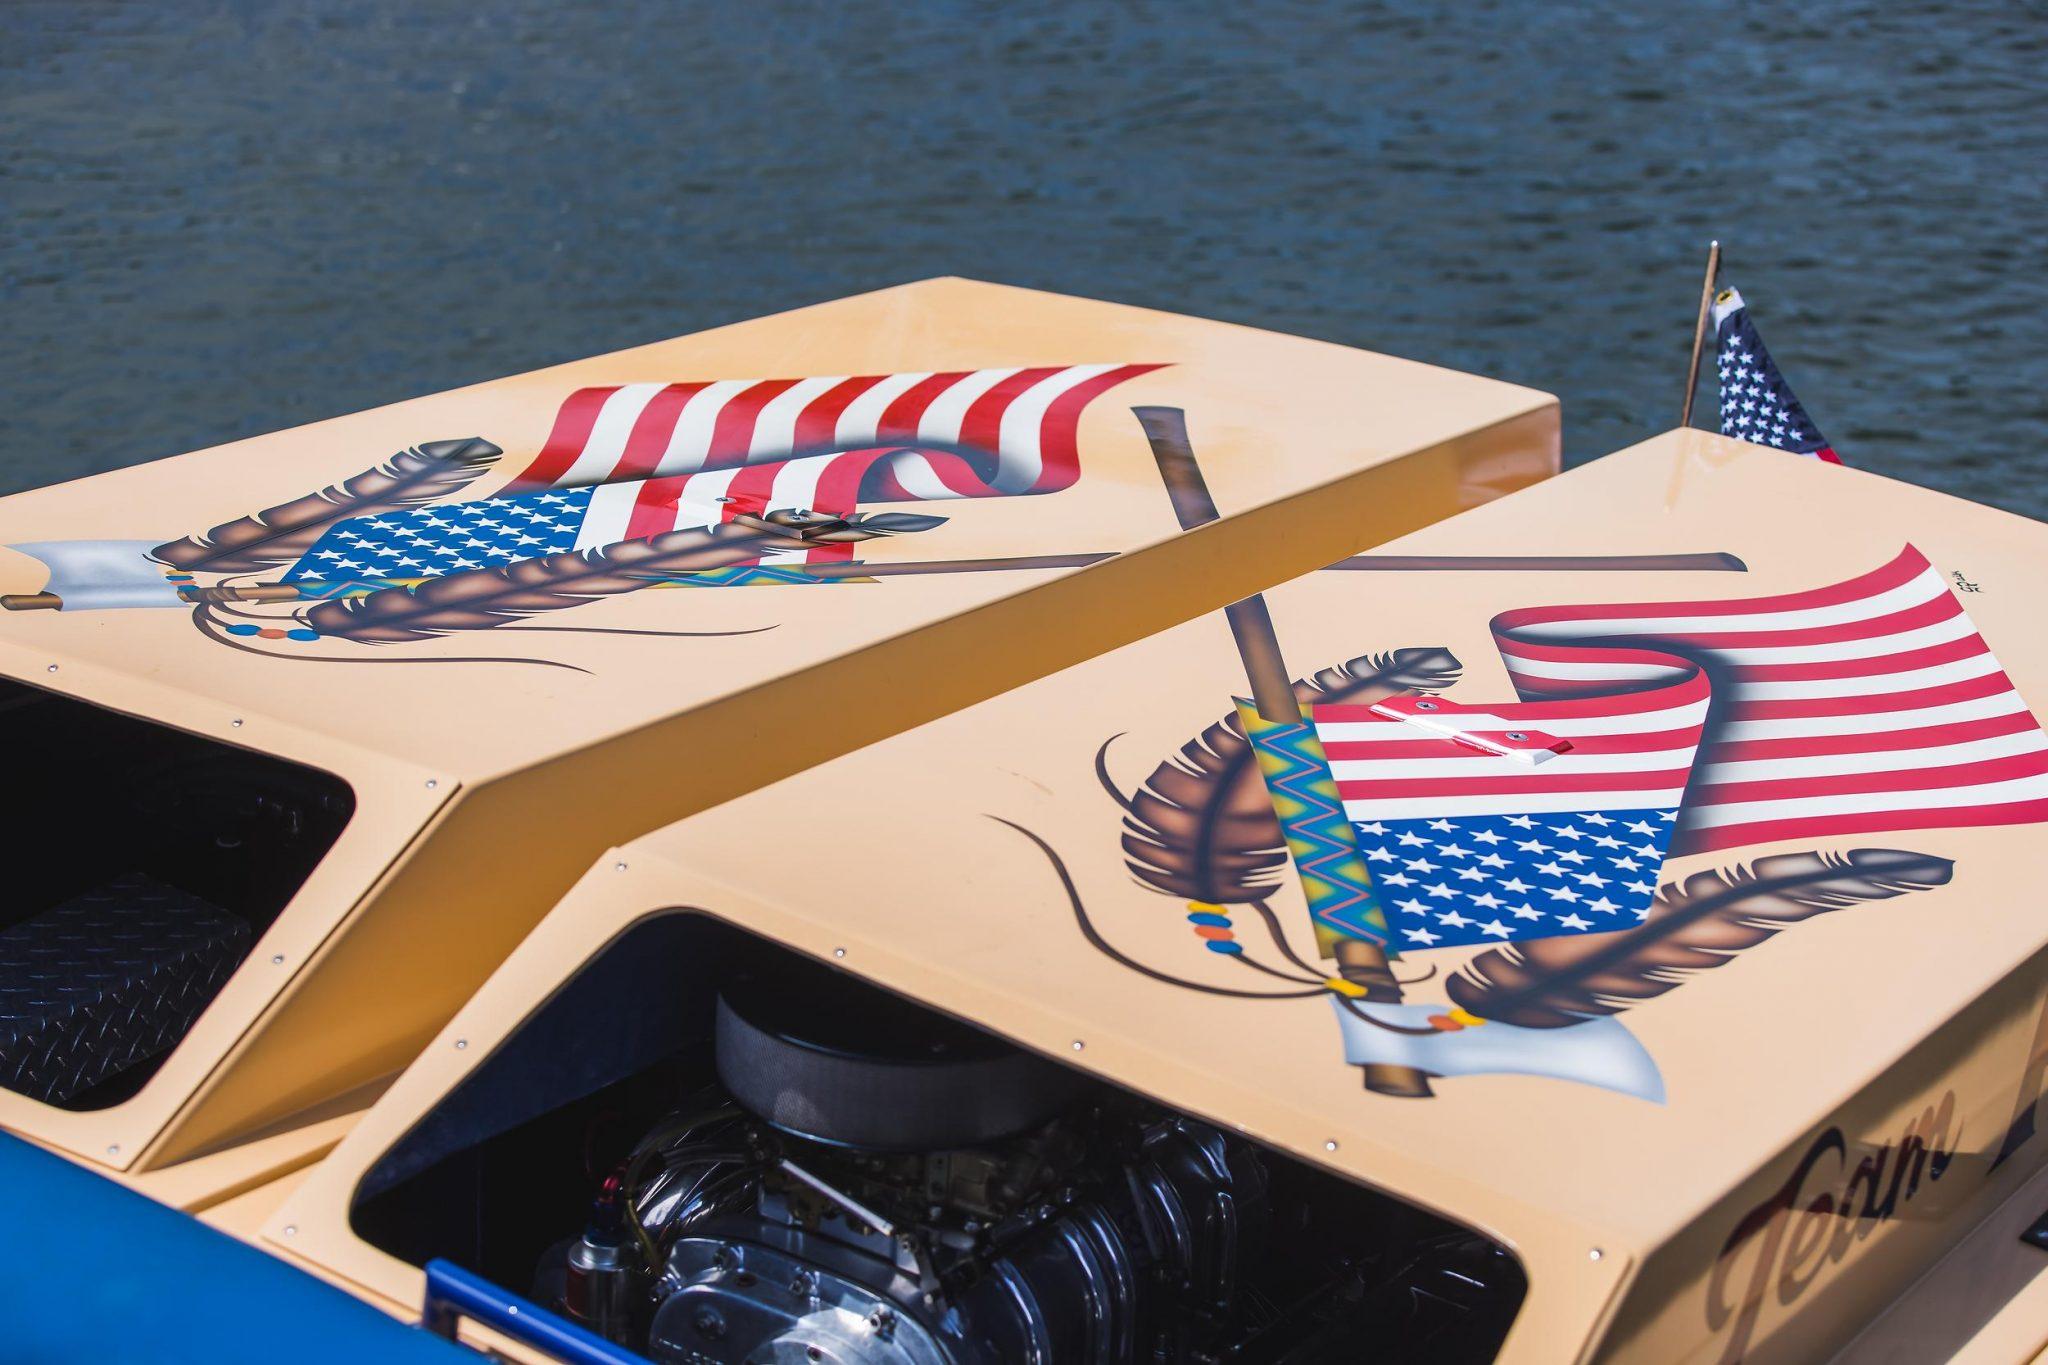 1984 Apache Offshore Powerboat Warpath decals